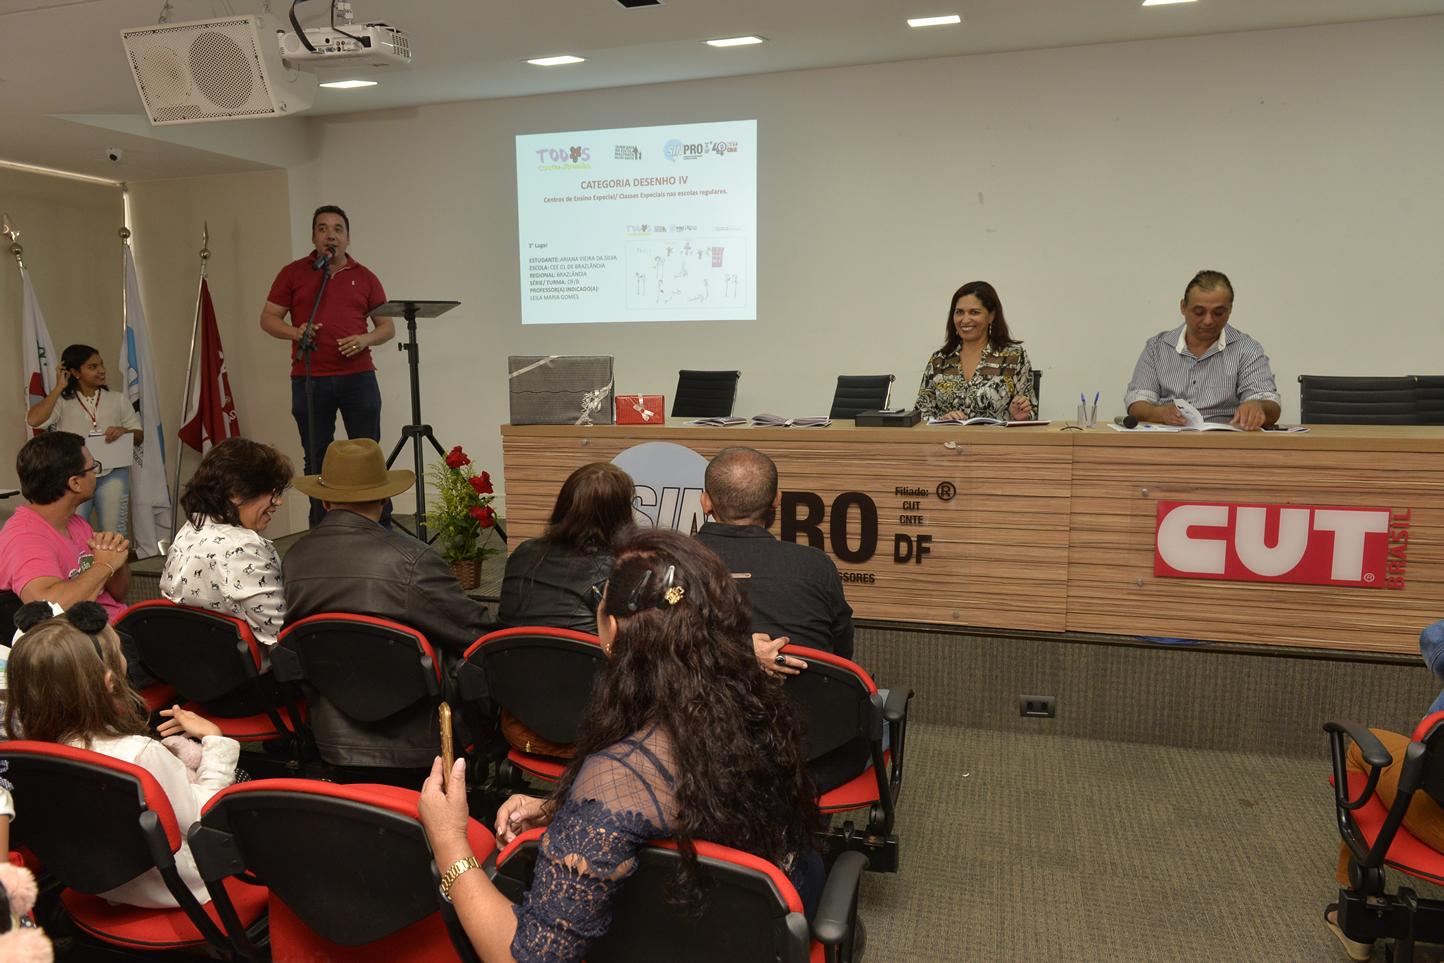 2019.05.16_PREMIACAO-DO-X-CONCURSO-DE-REDACAO_fotos-Deva-Garcia-1